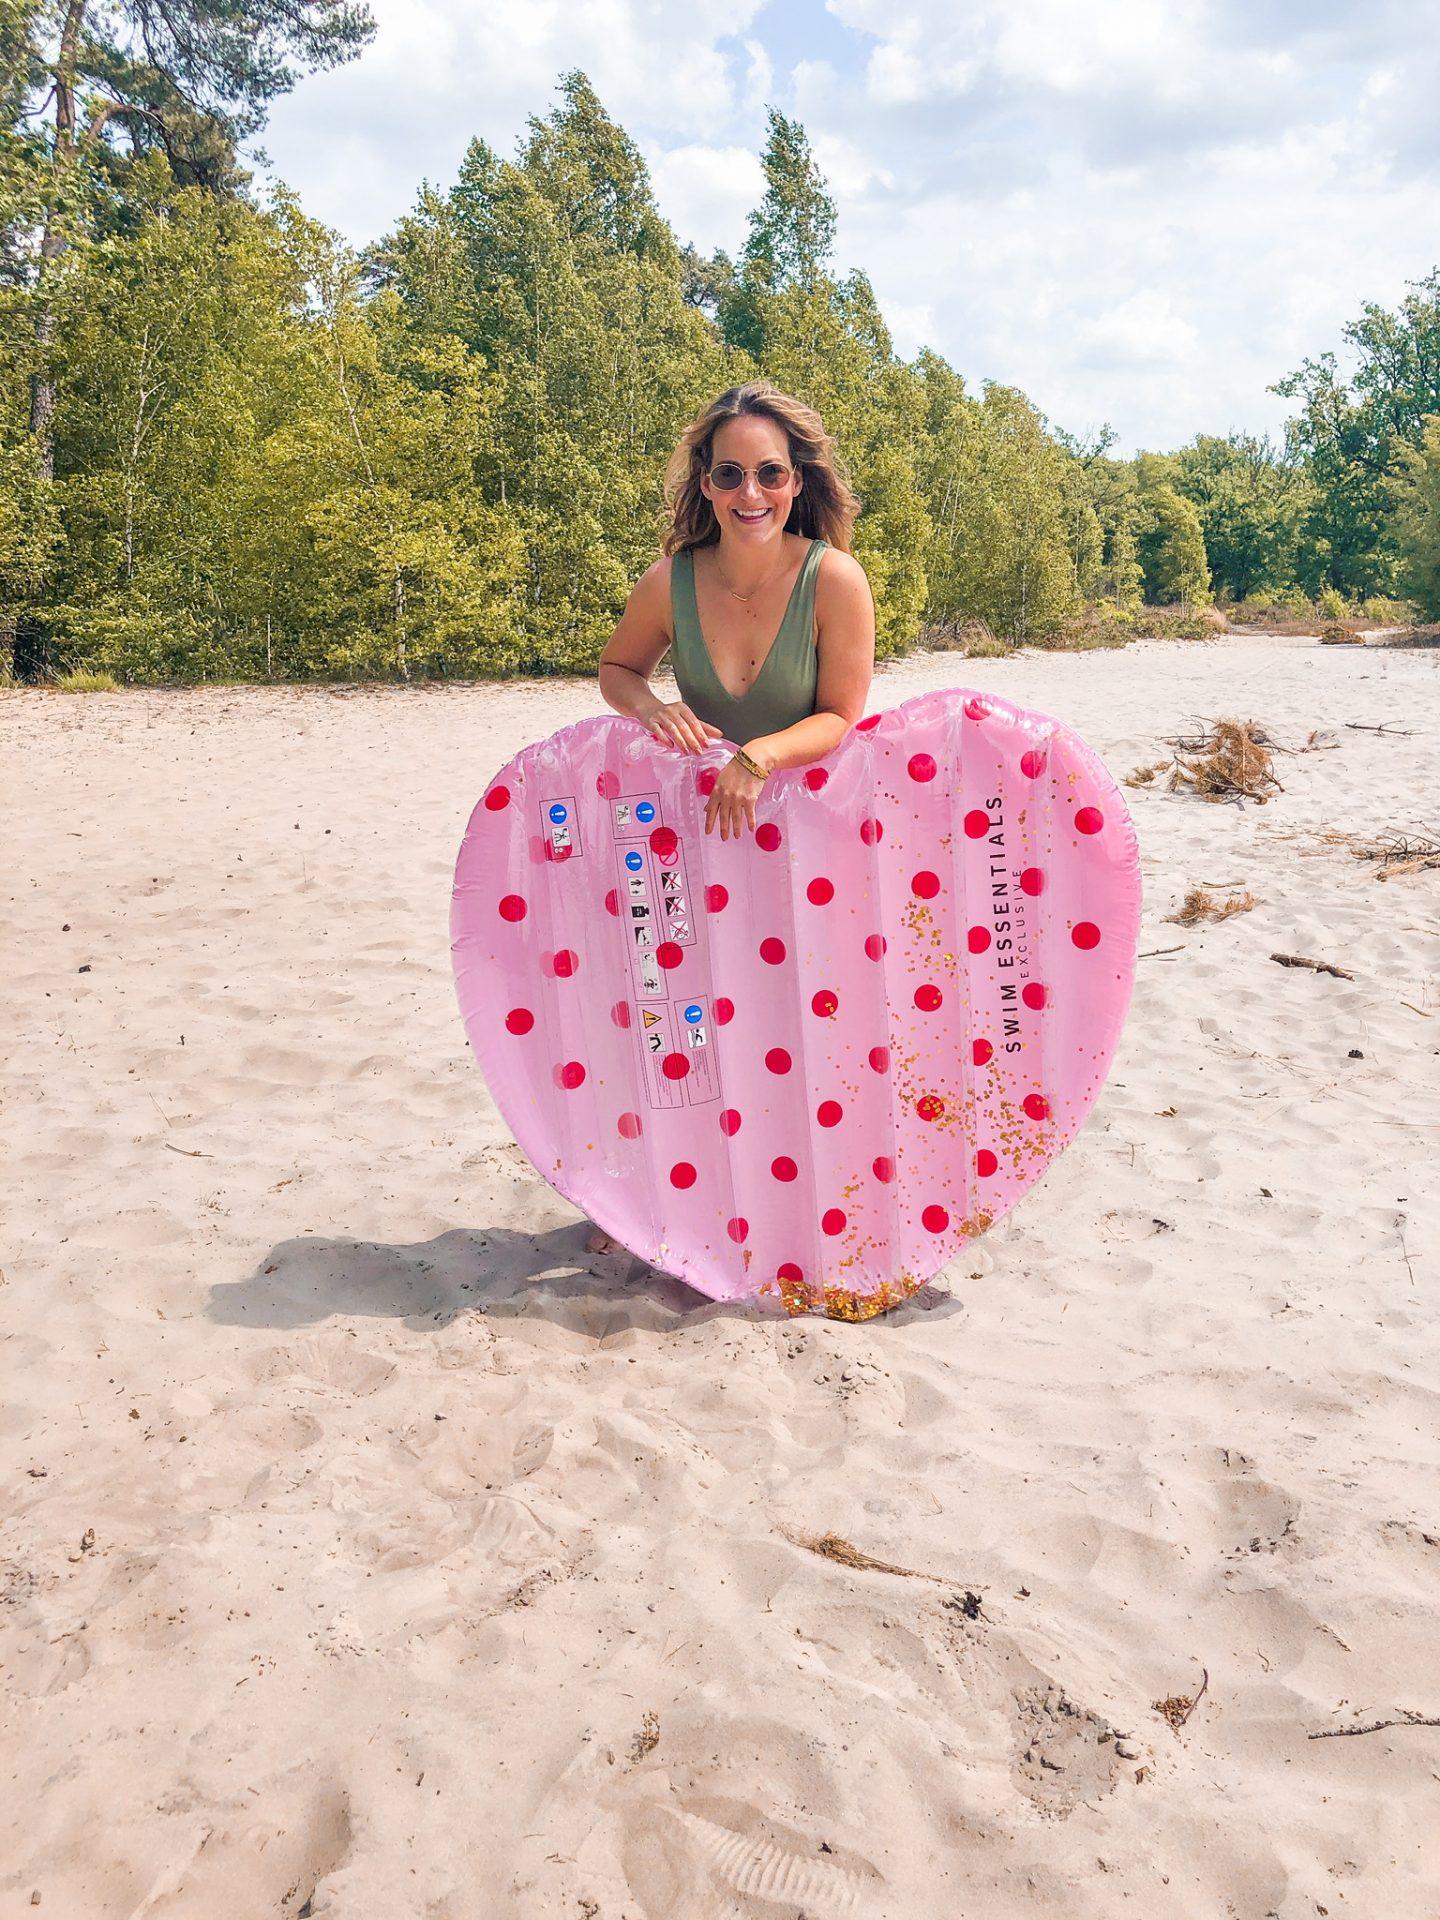 summertime, zomer, zwemband, zwembad, opblaas, opblaasartikelen, bikini, badpak, xmariekie, swim, swim essentials